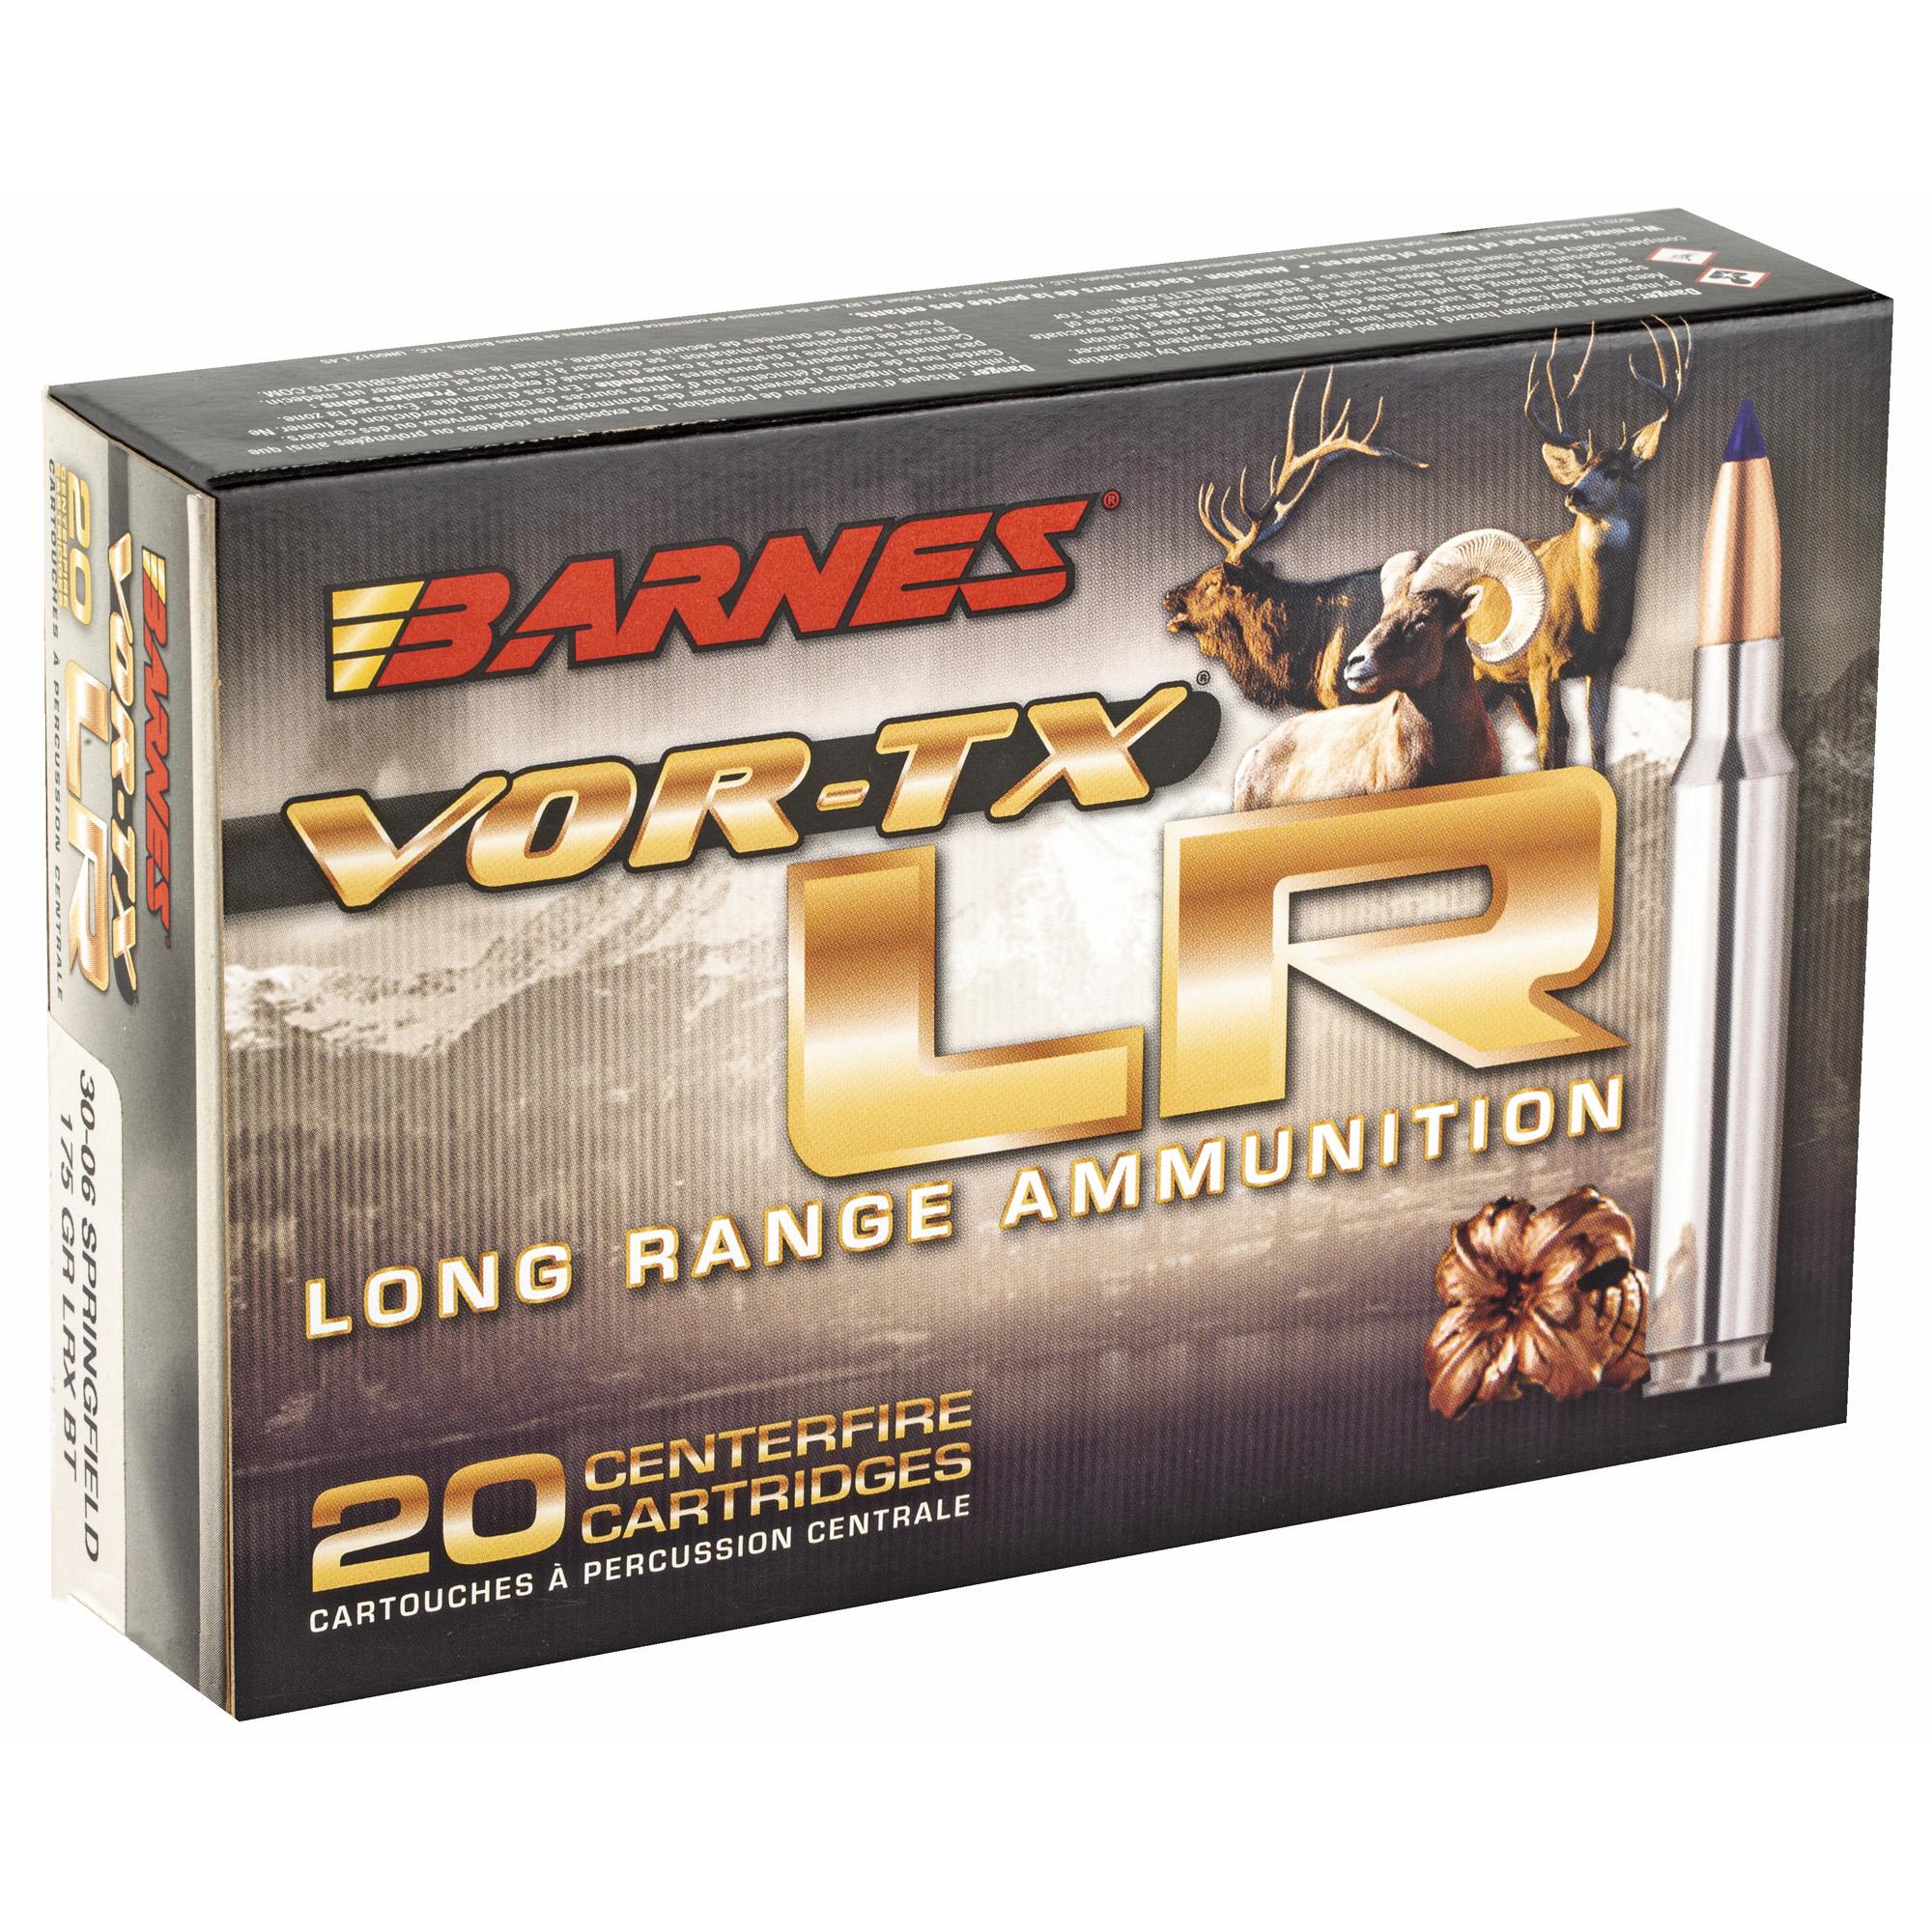 Barnes VOR-TX LR .30-06 175gr 20 Round Box - Trigger Depot